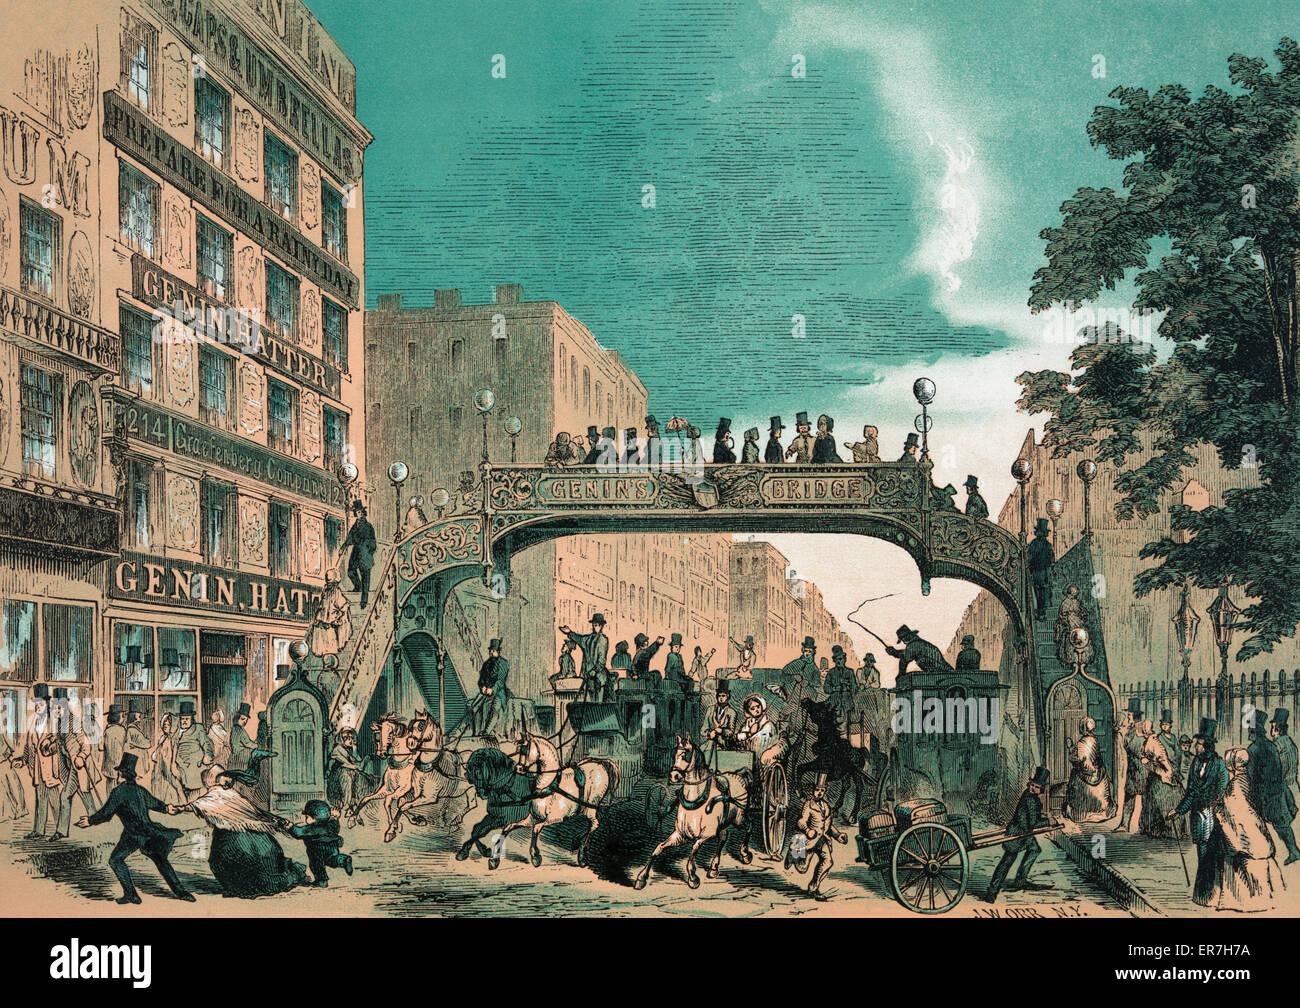 Broadway, N.Y. 1852. Genins new bridge. - Stock Image